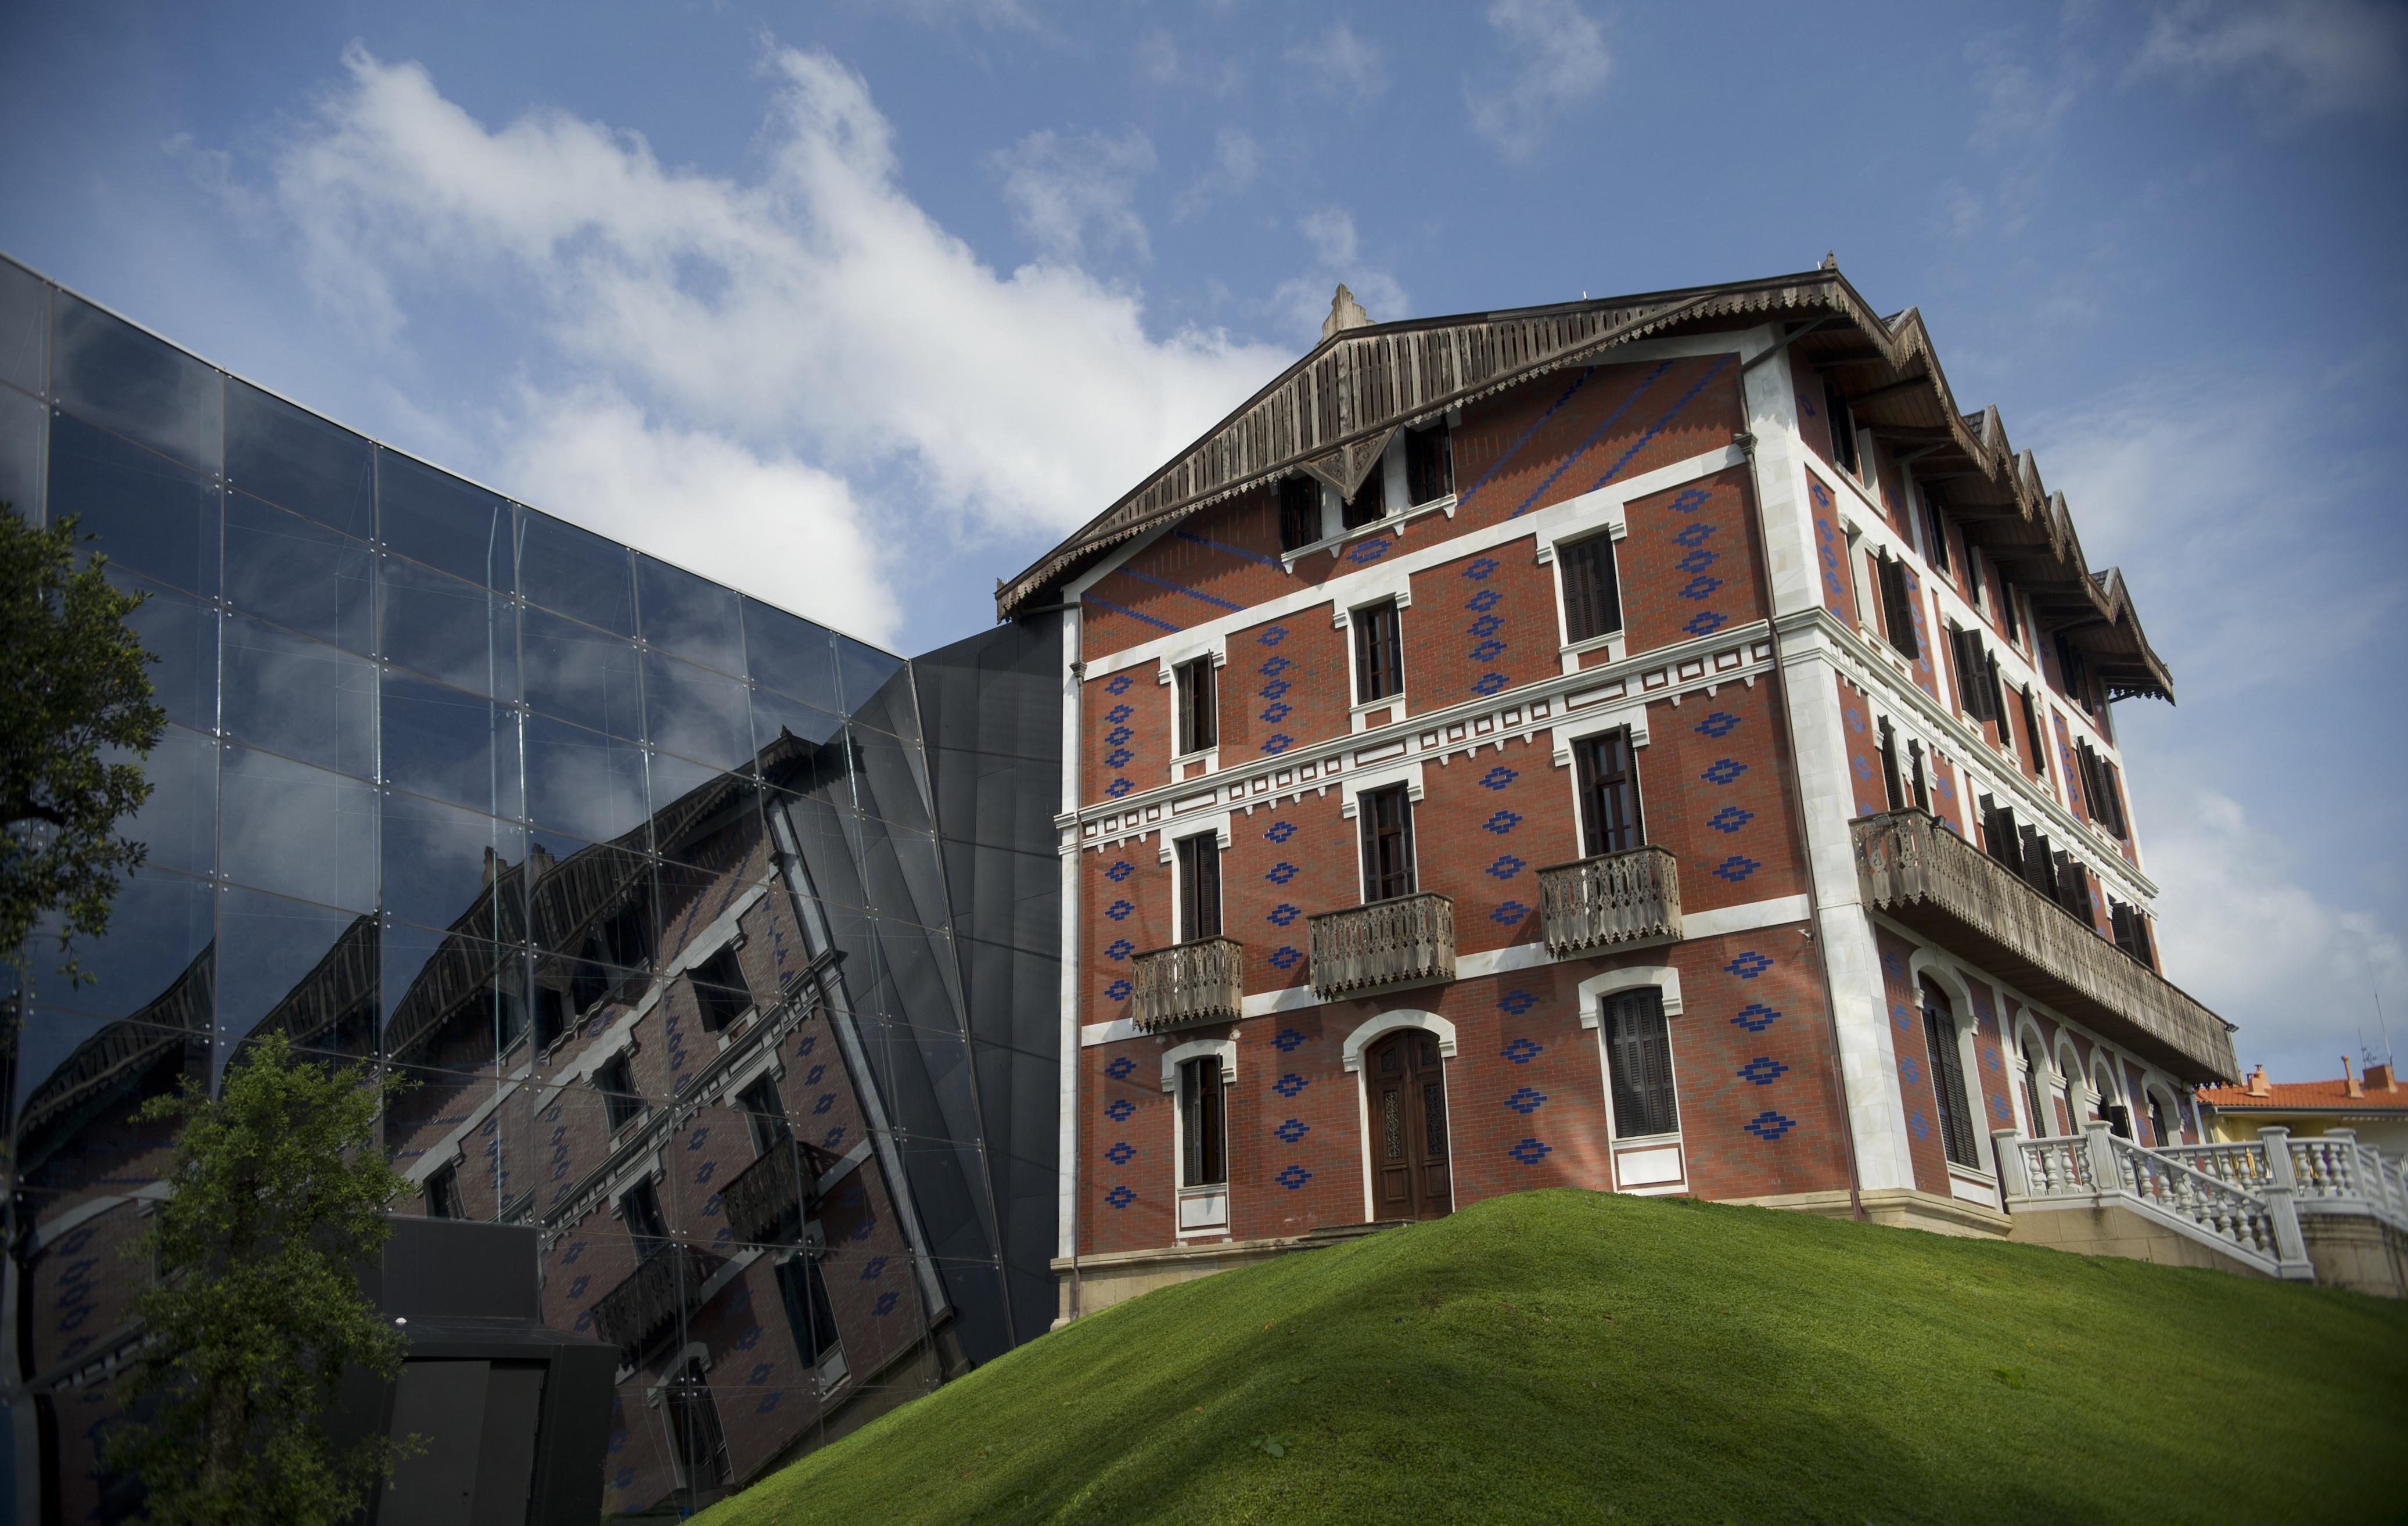 Cristóbal_Balenciaga_Museoa_exterior